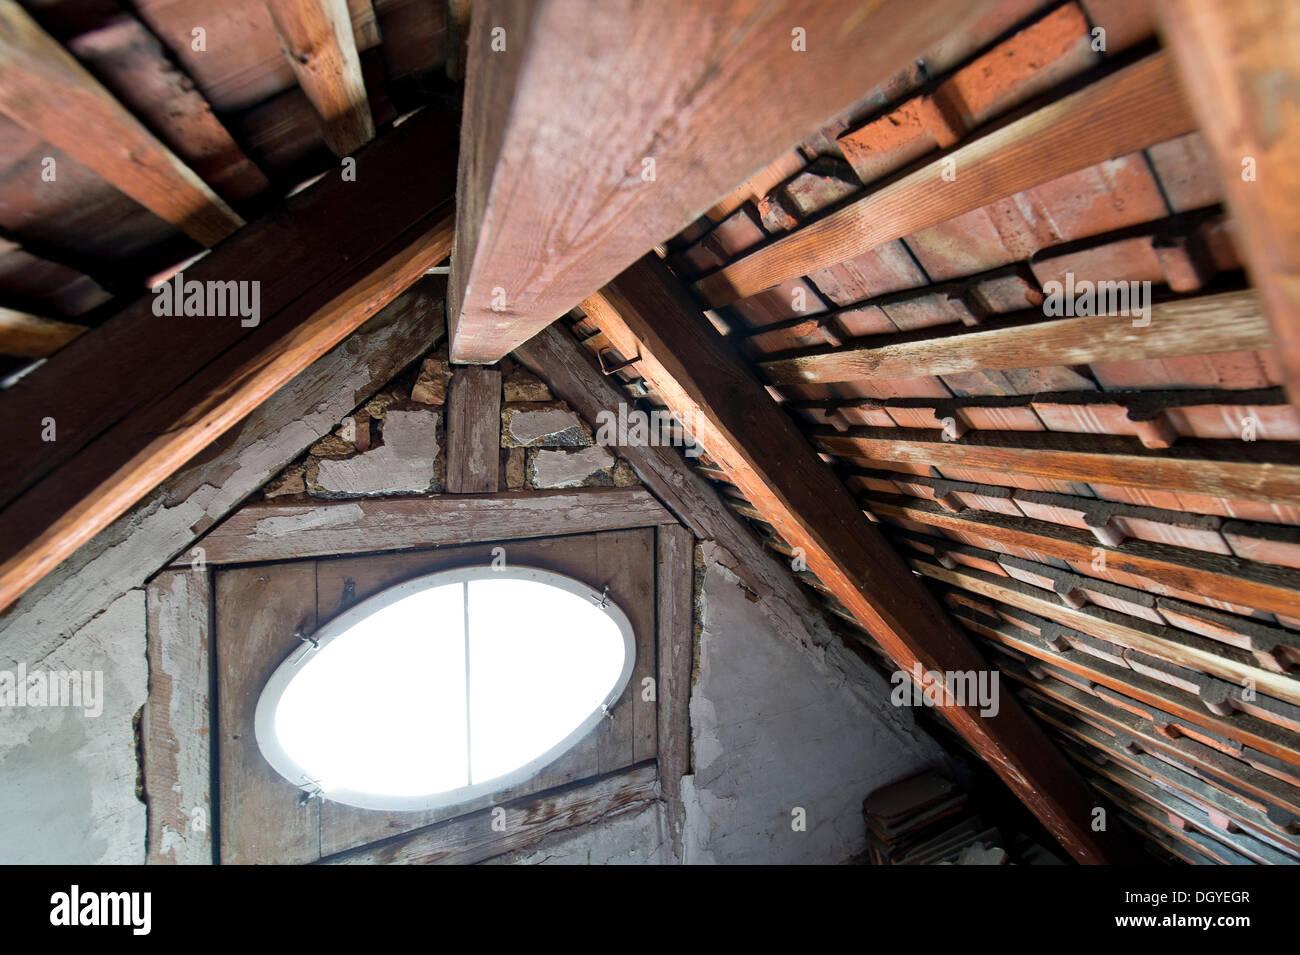 Una ventana oval, vigas de madera, techo de madera, el ático de un edificio antiguo, Stuttgart, Baden-Wurtemberg Imagen De Stock